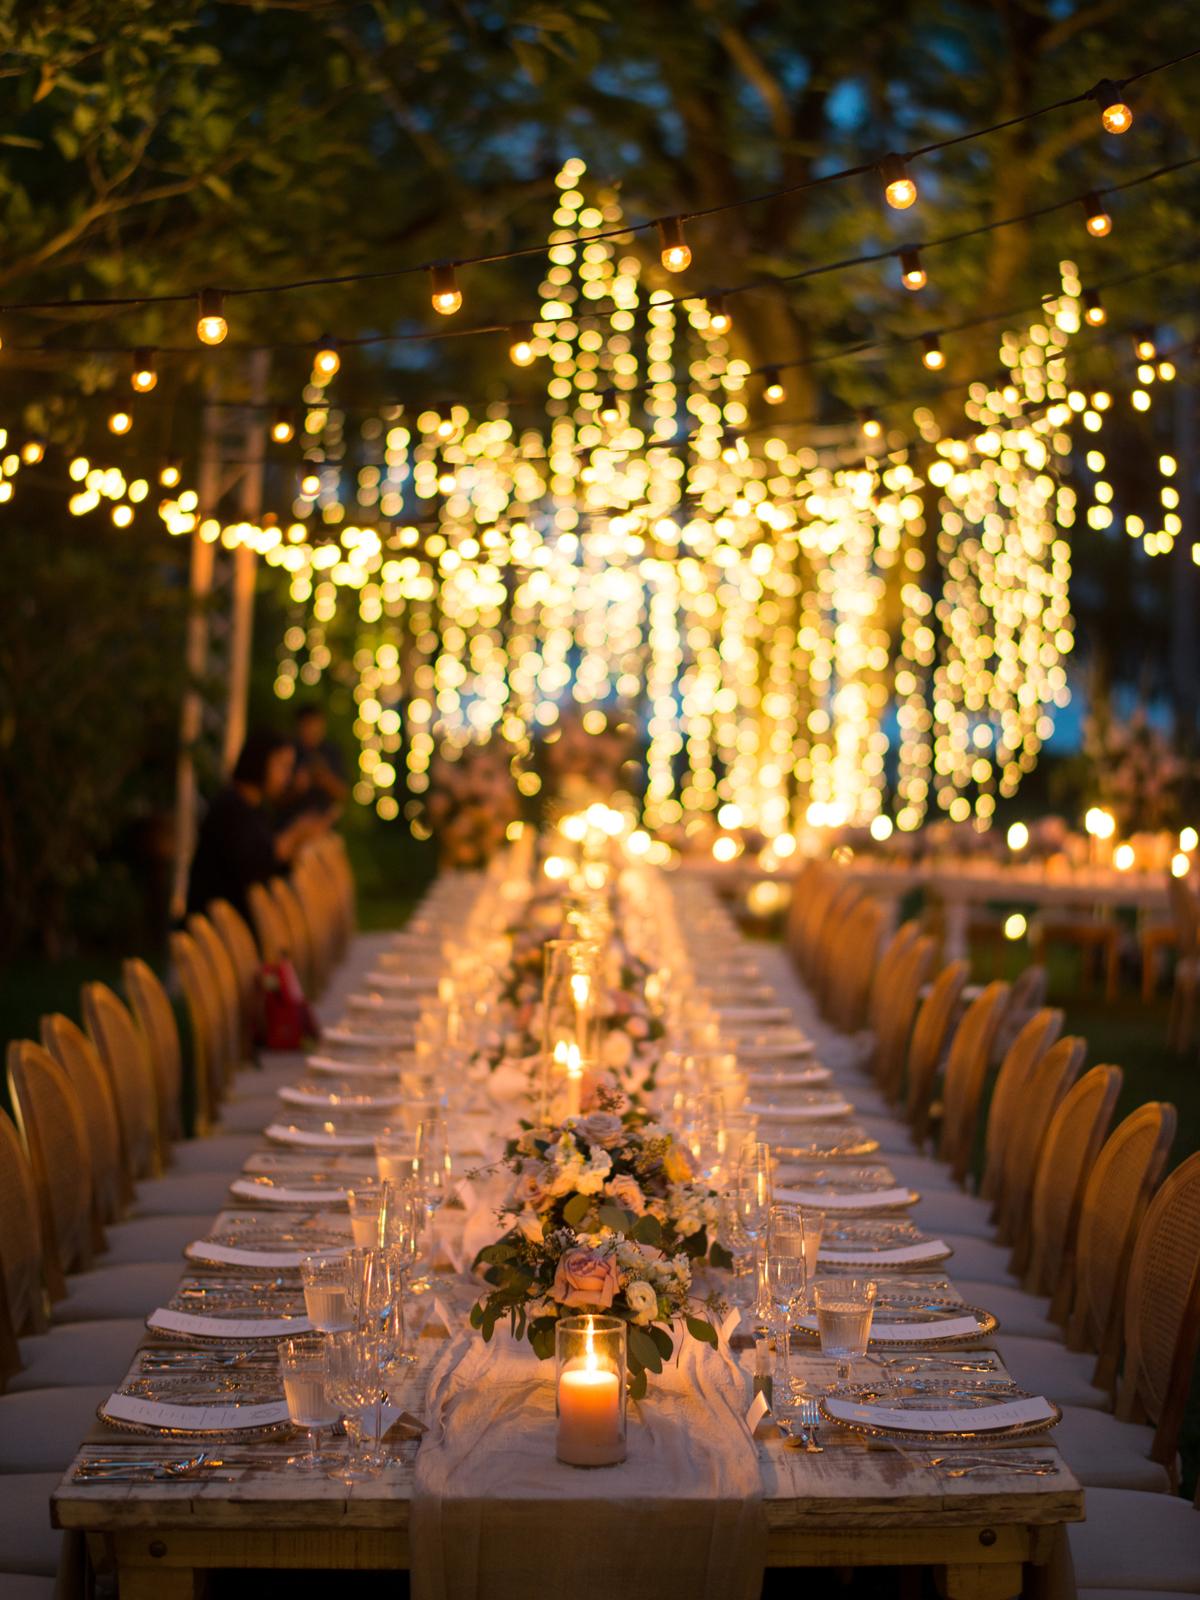 jada-jeffrey-wedding-dinner-0619.jpg